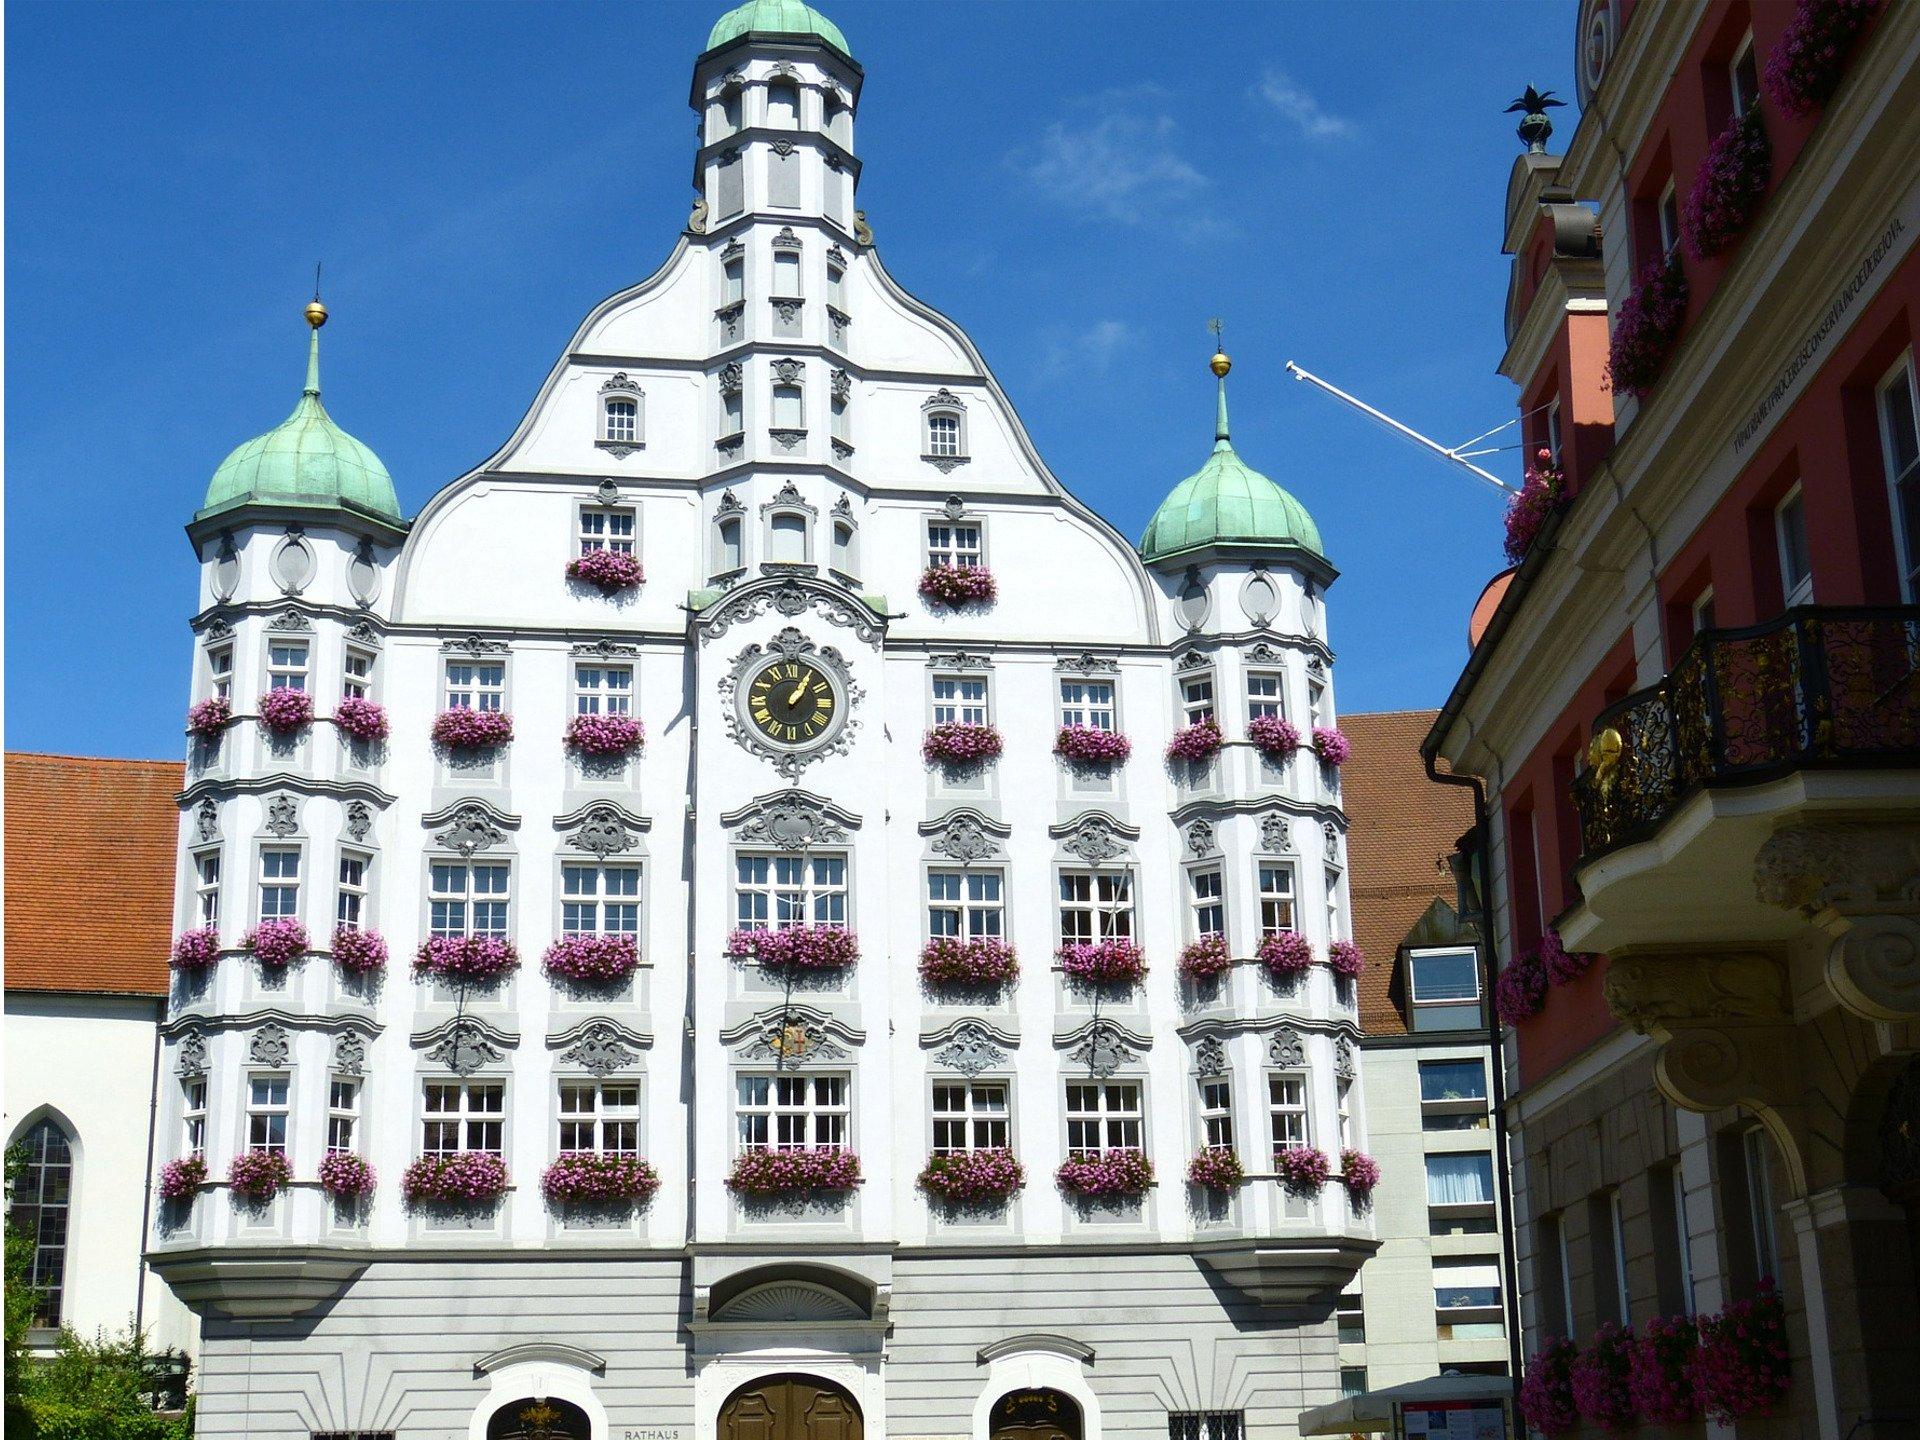 In Memmingen ist die SEO Agentur Jochen Dullenkopf auch tätig, hier ein bekanntes Gebäude aus Memmingen